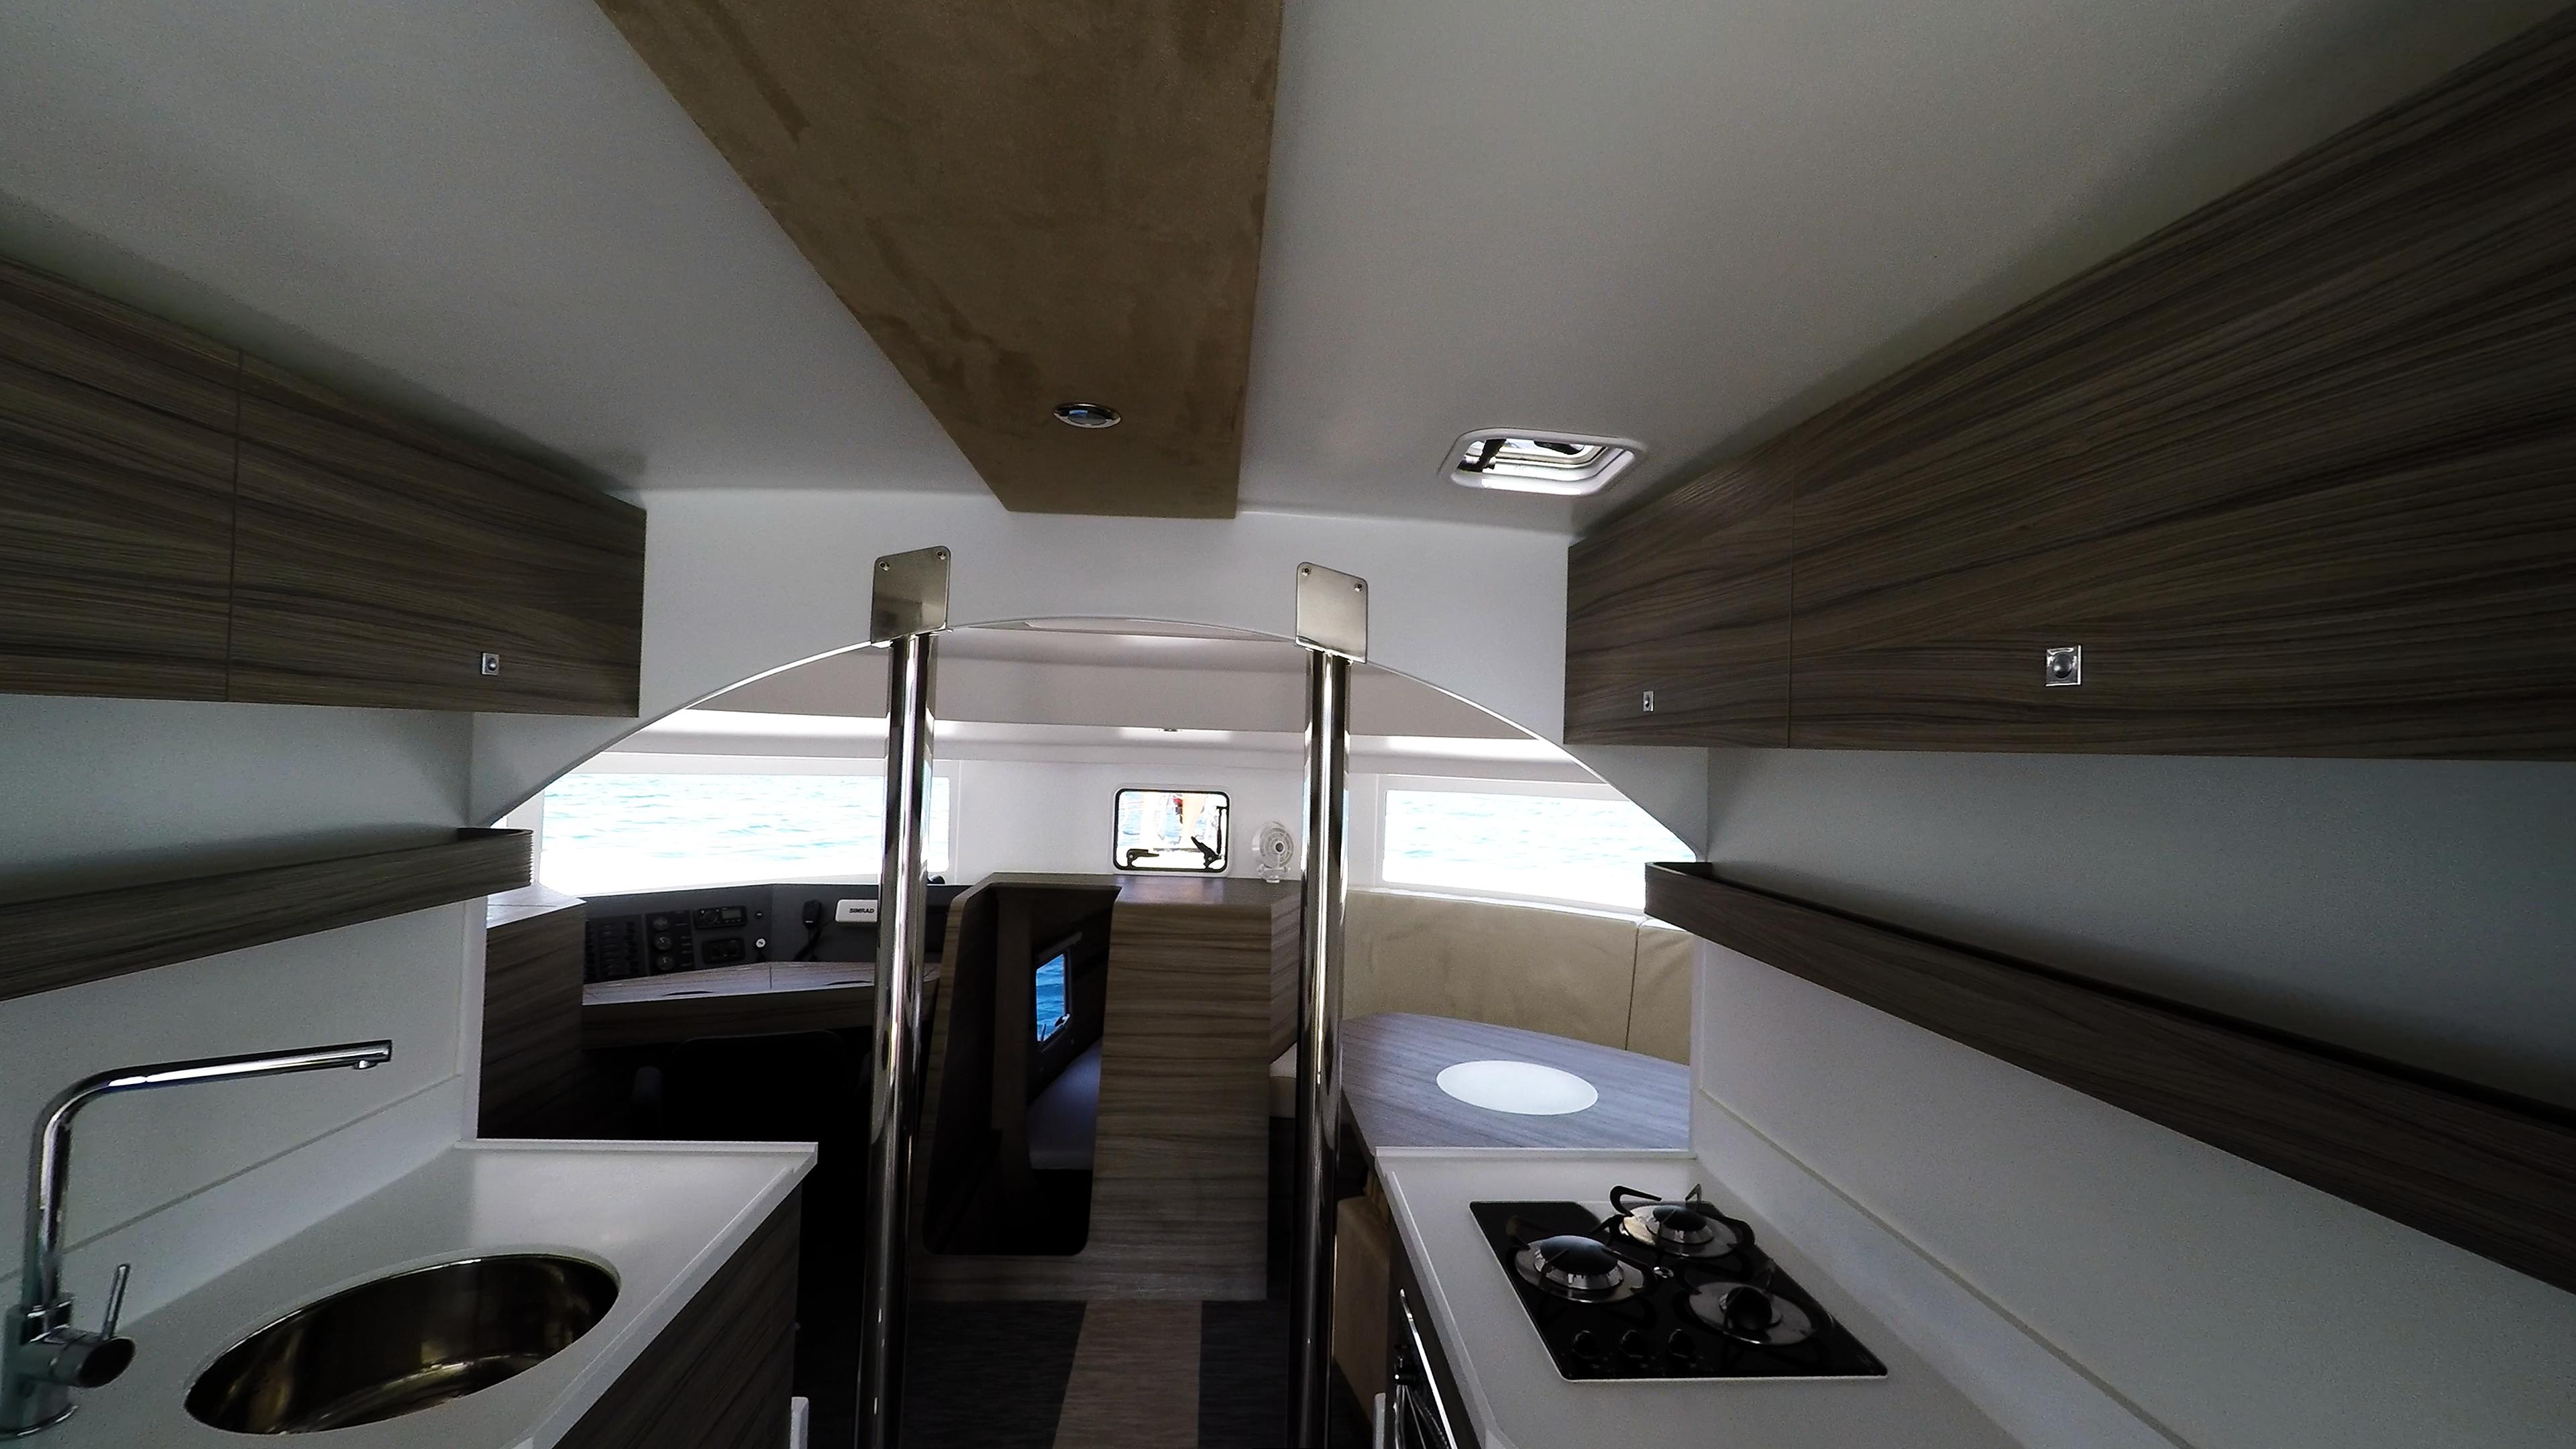 interiore neel 45 trimarano noleggio yacht